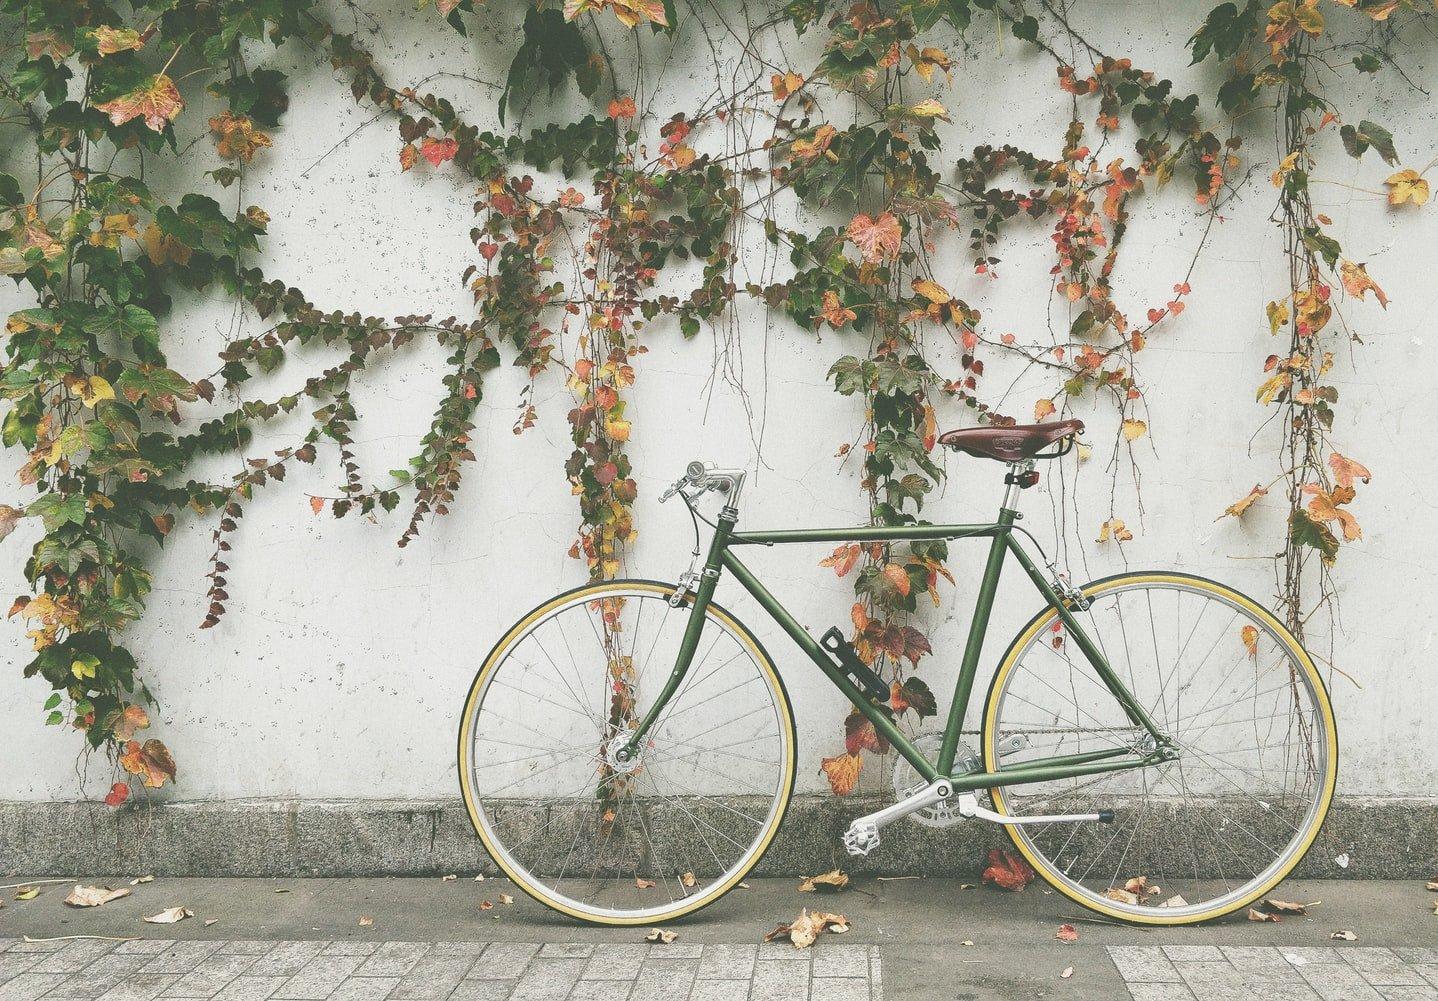 Quei momenti della vita in cui il tuo sogno più grande è un giro in bicicletta